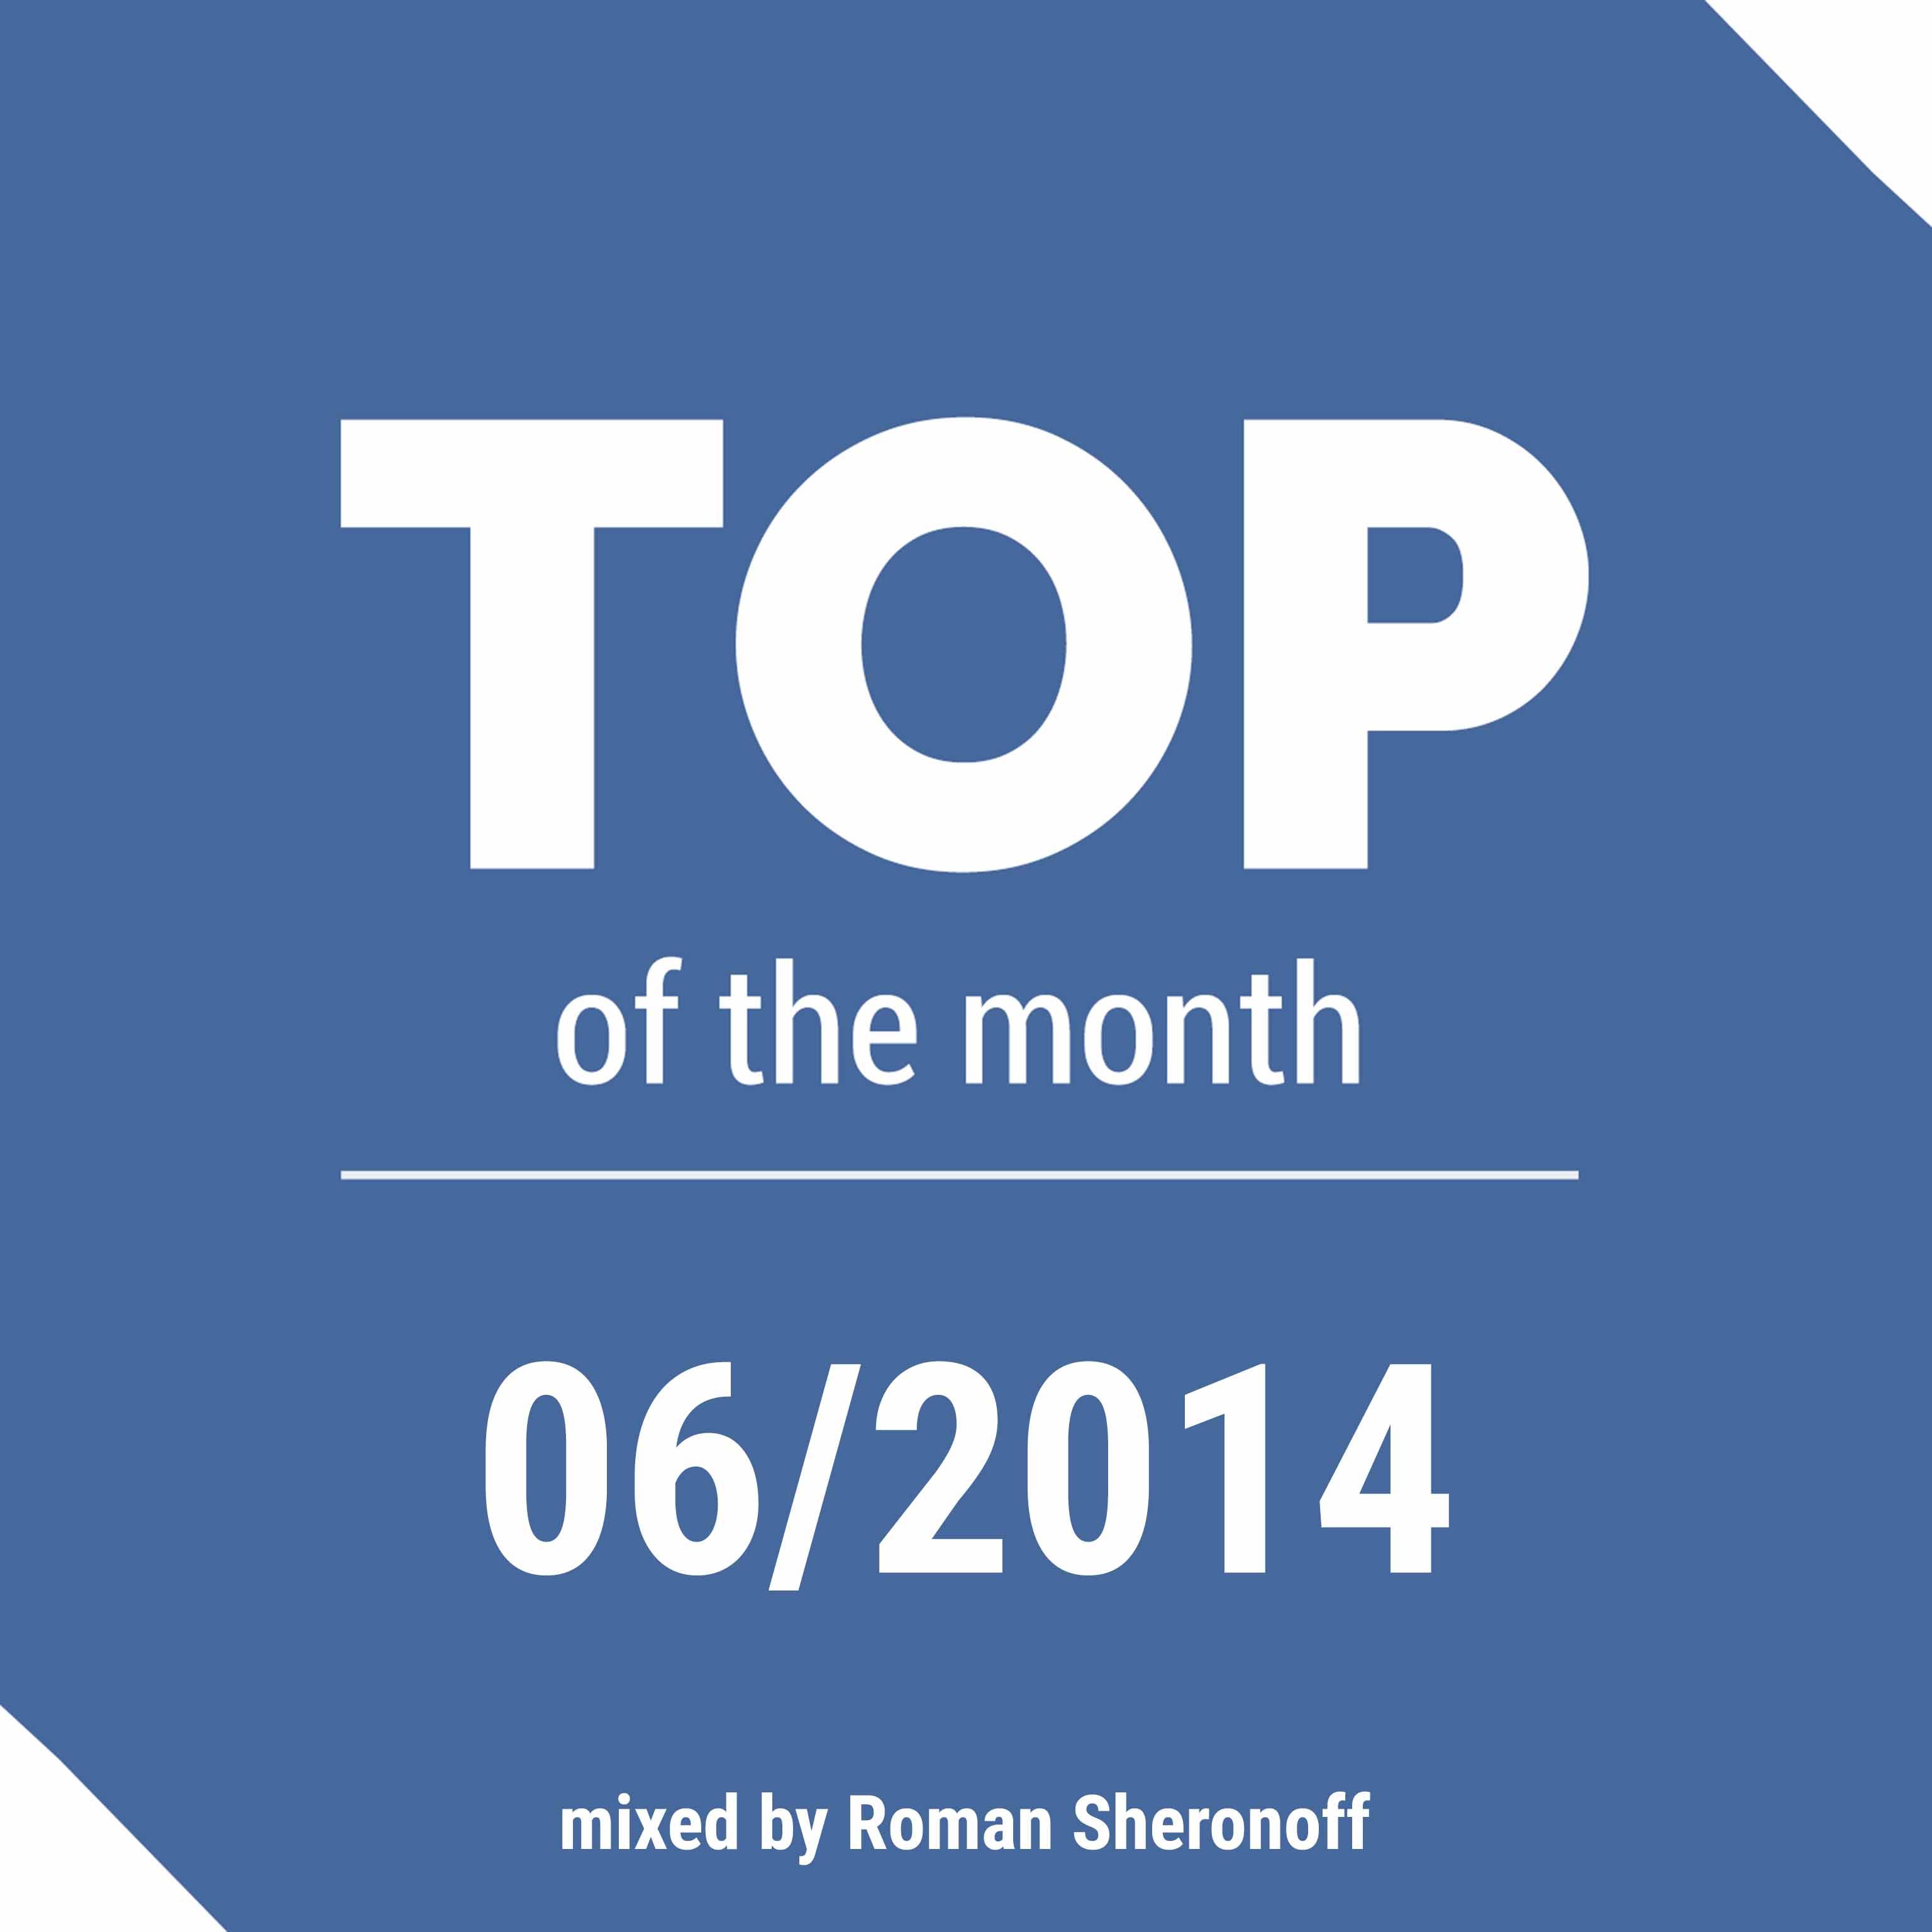 Top 10 of June 2014